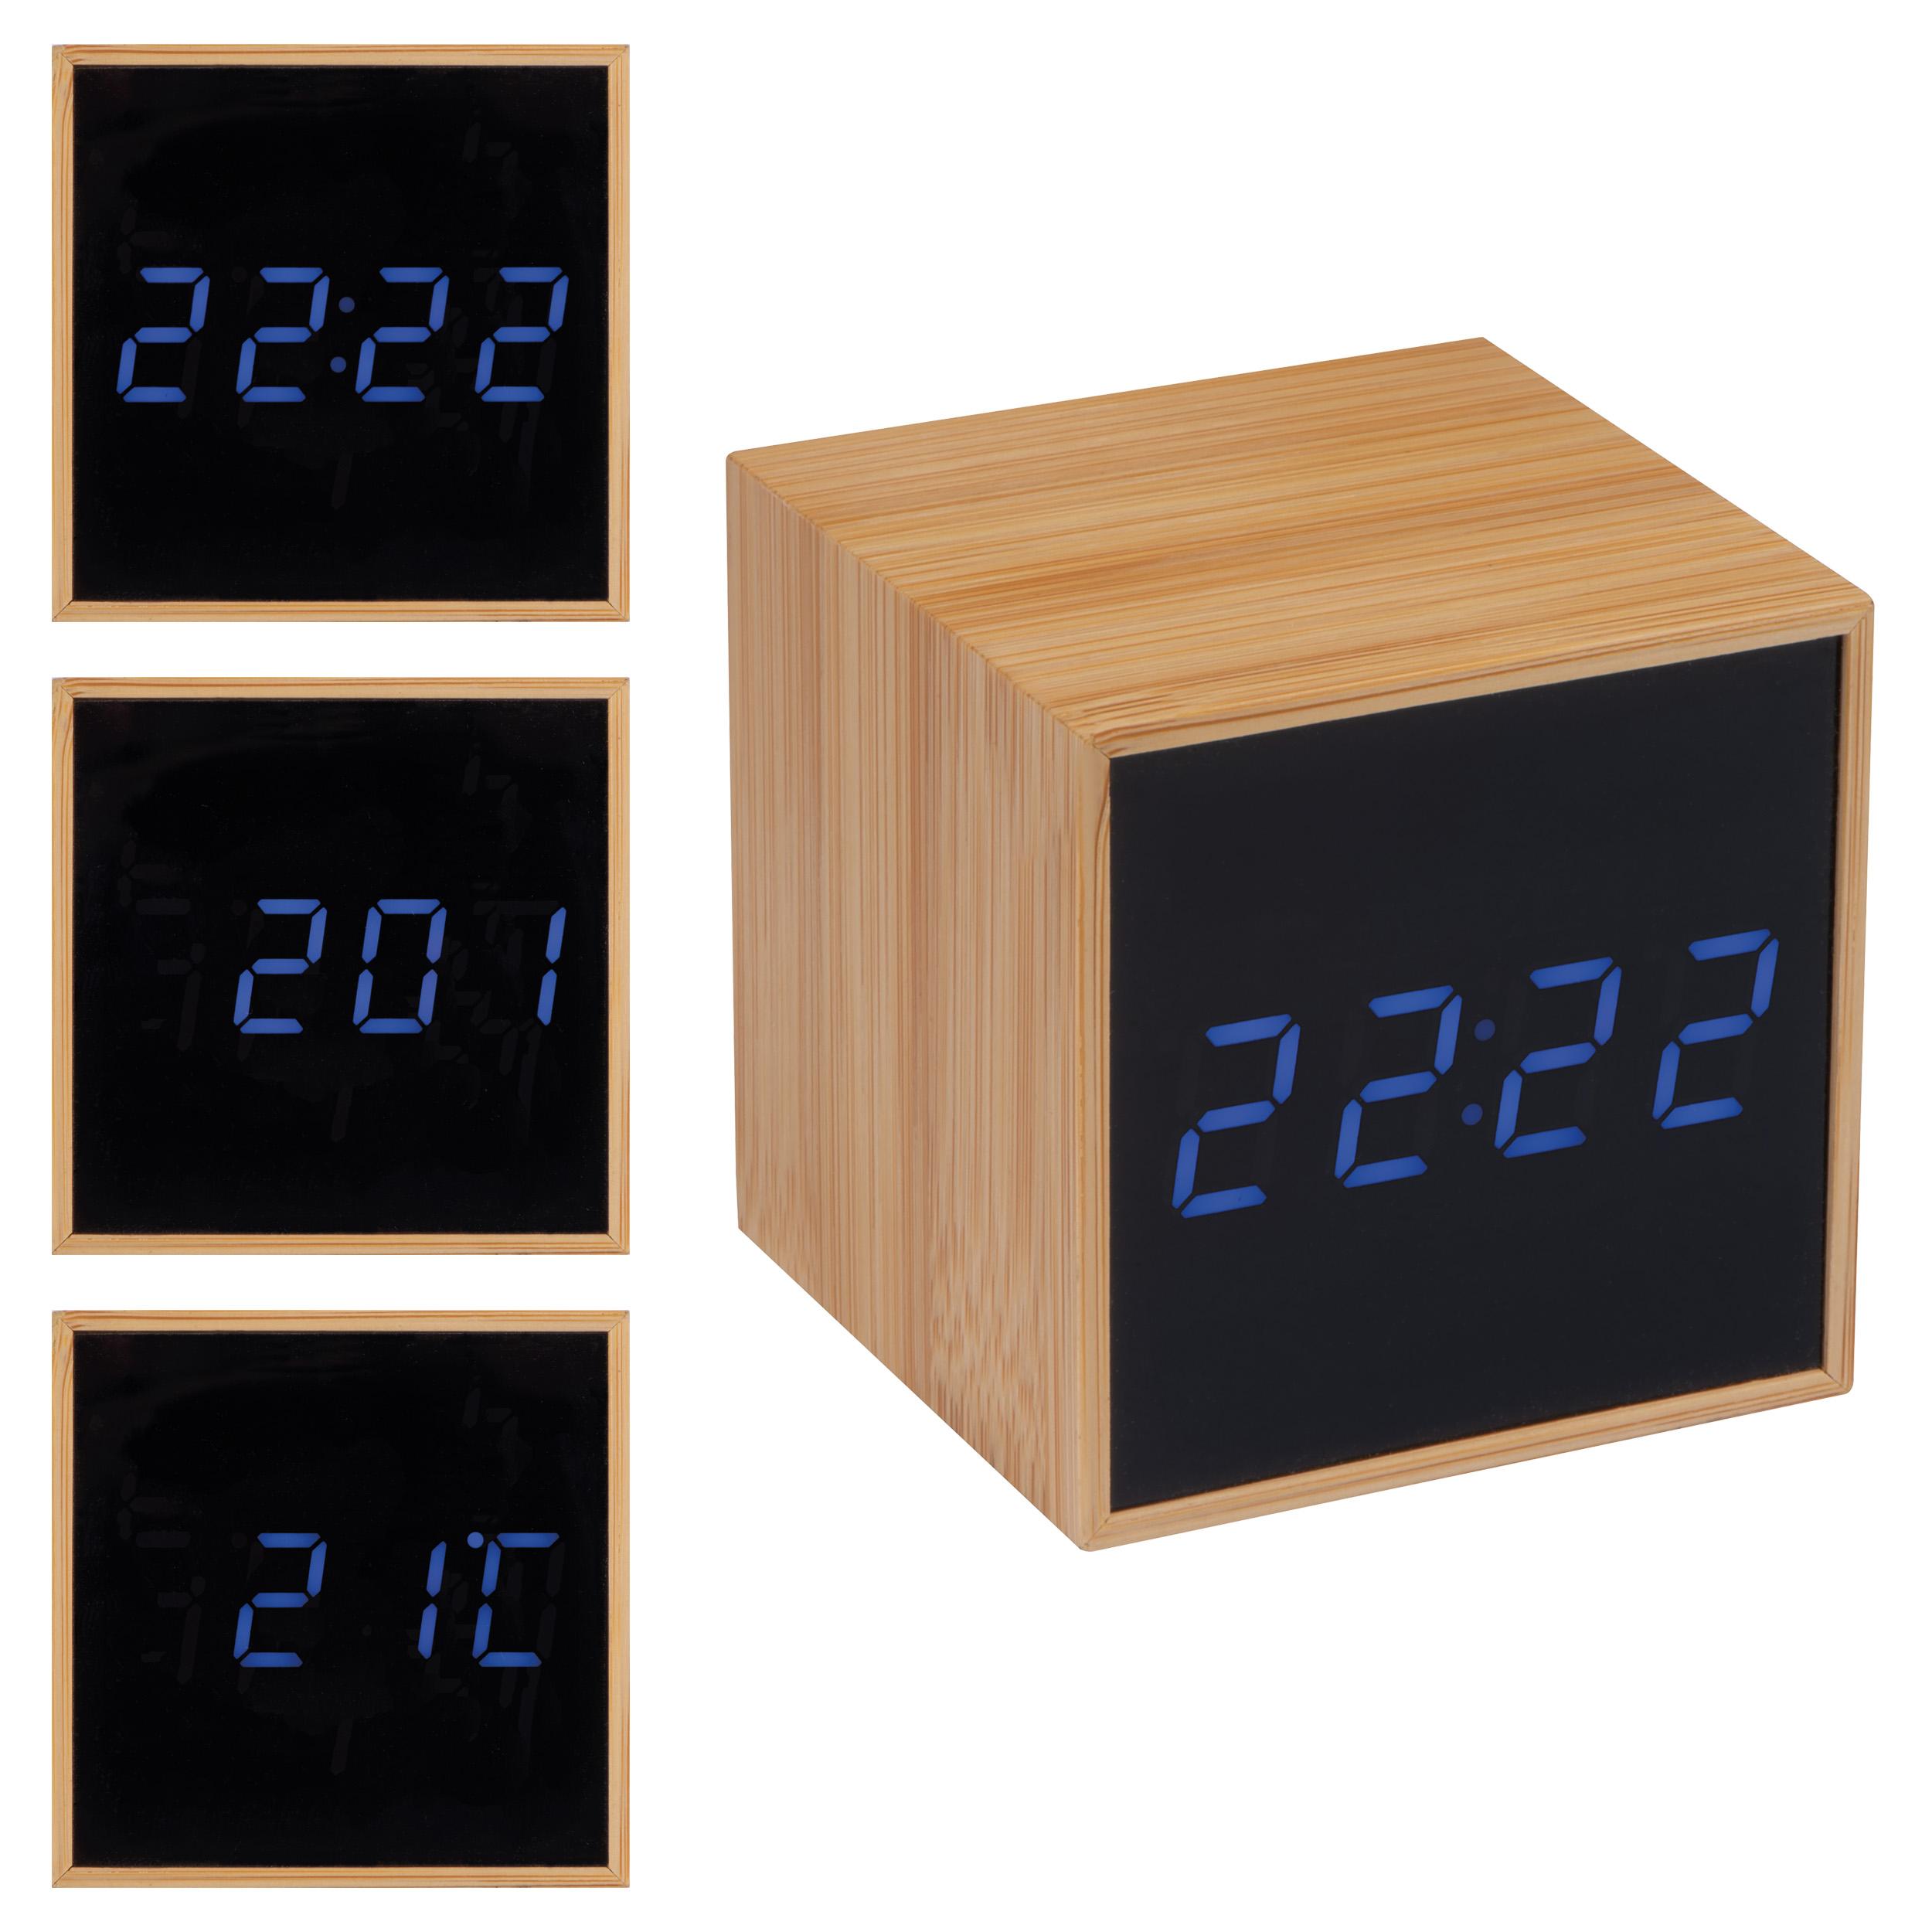 Horloge de table avec affichage noir et affichage LED bleu